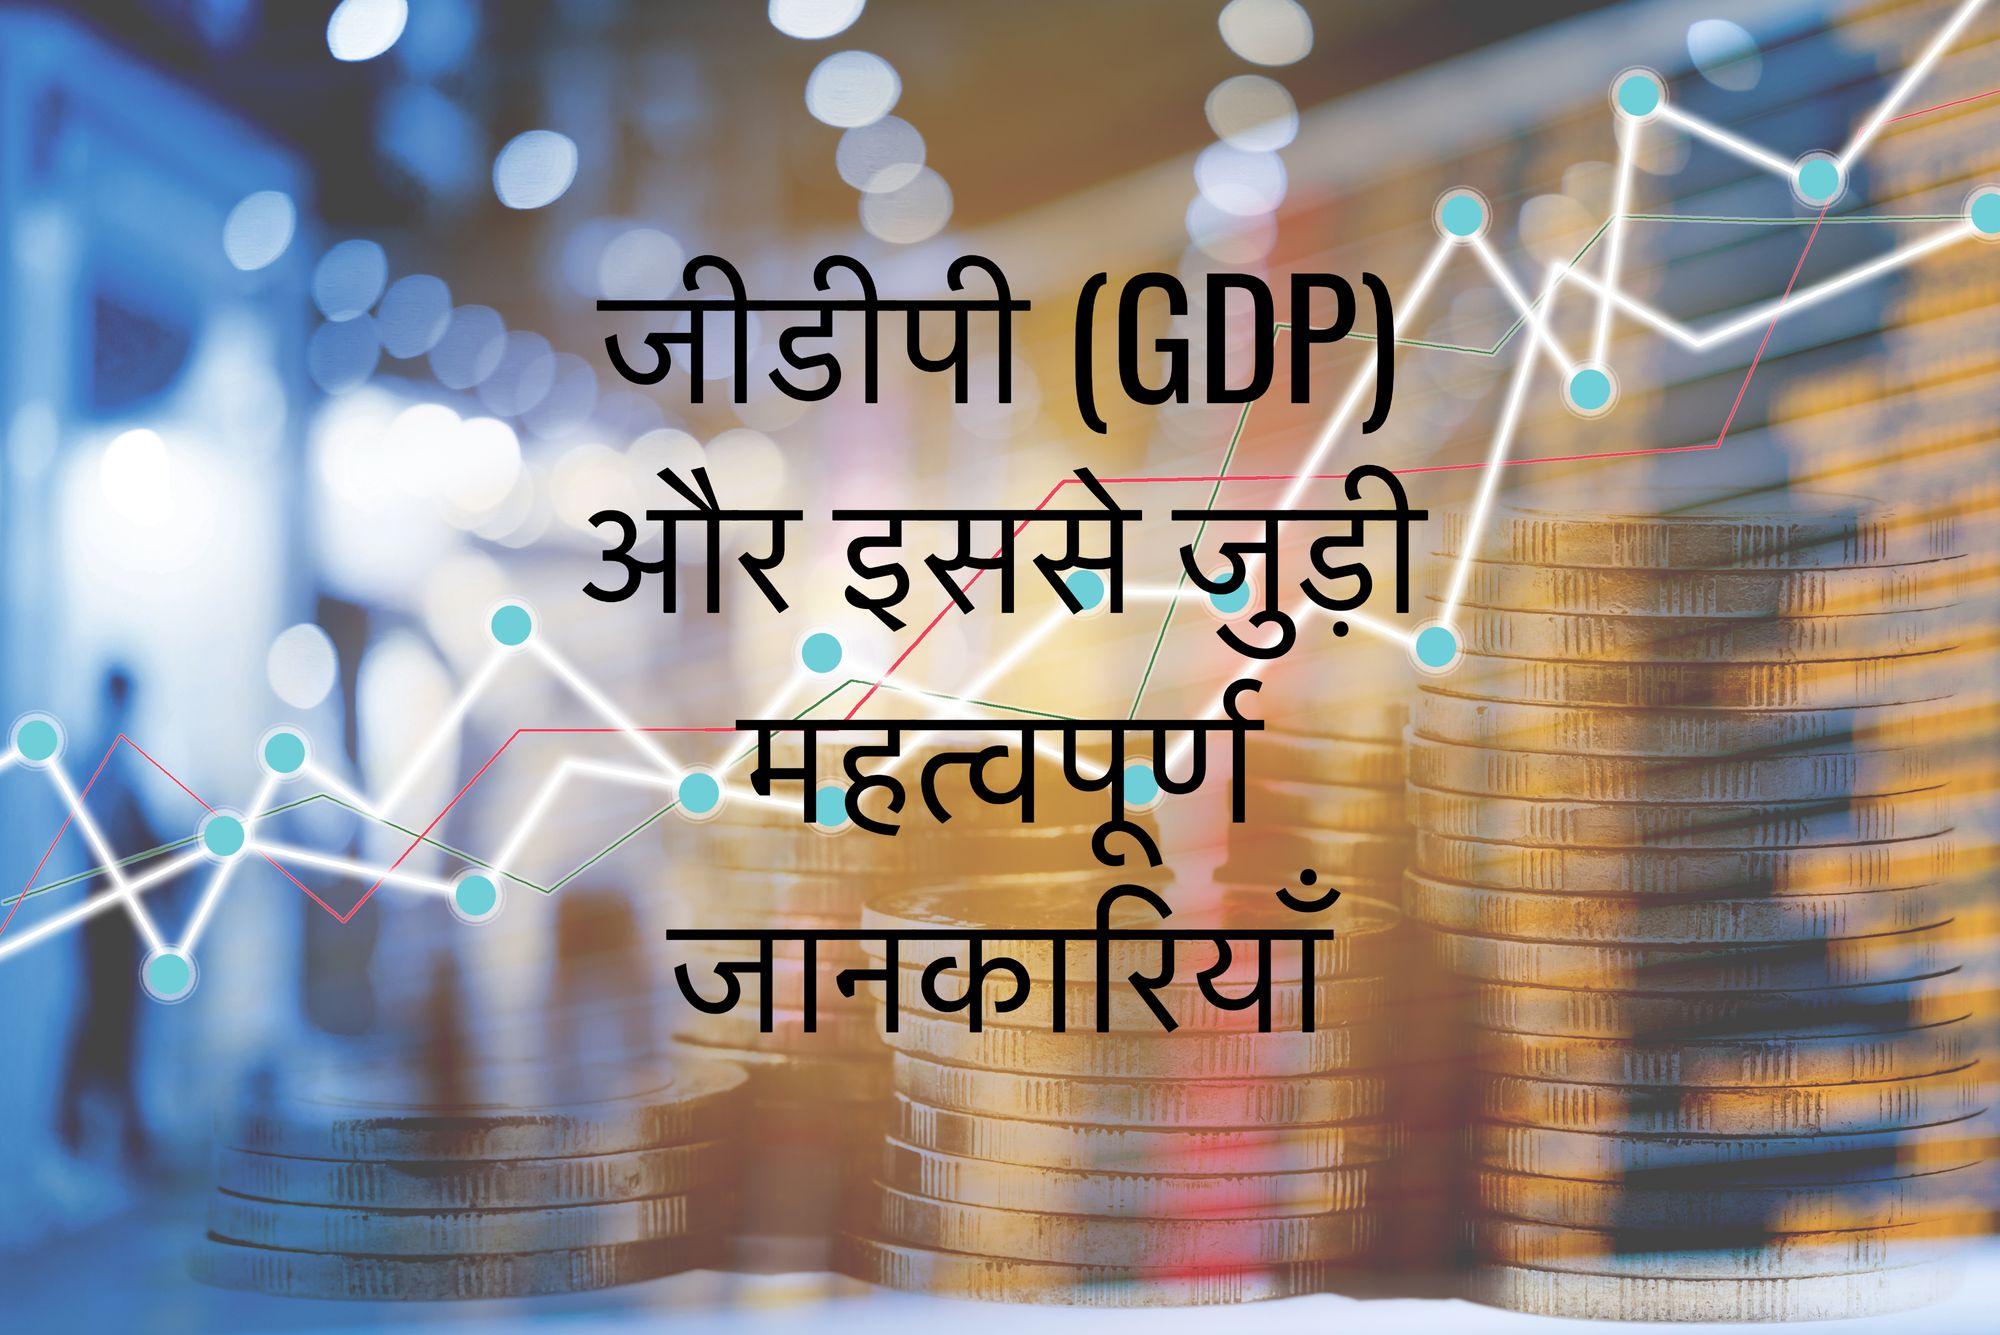 GDP क्या है? जी.डी.पी (GDP) के बारे में पूरी जानकारी